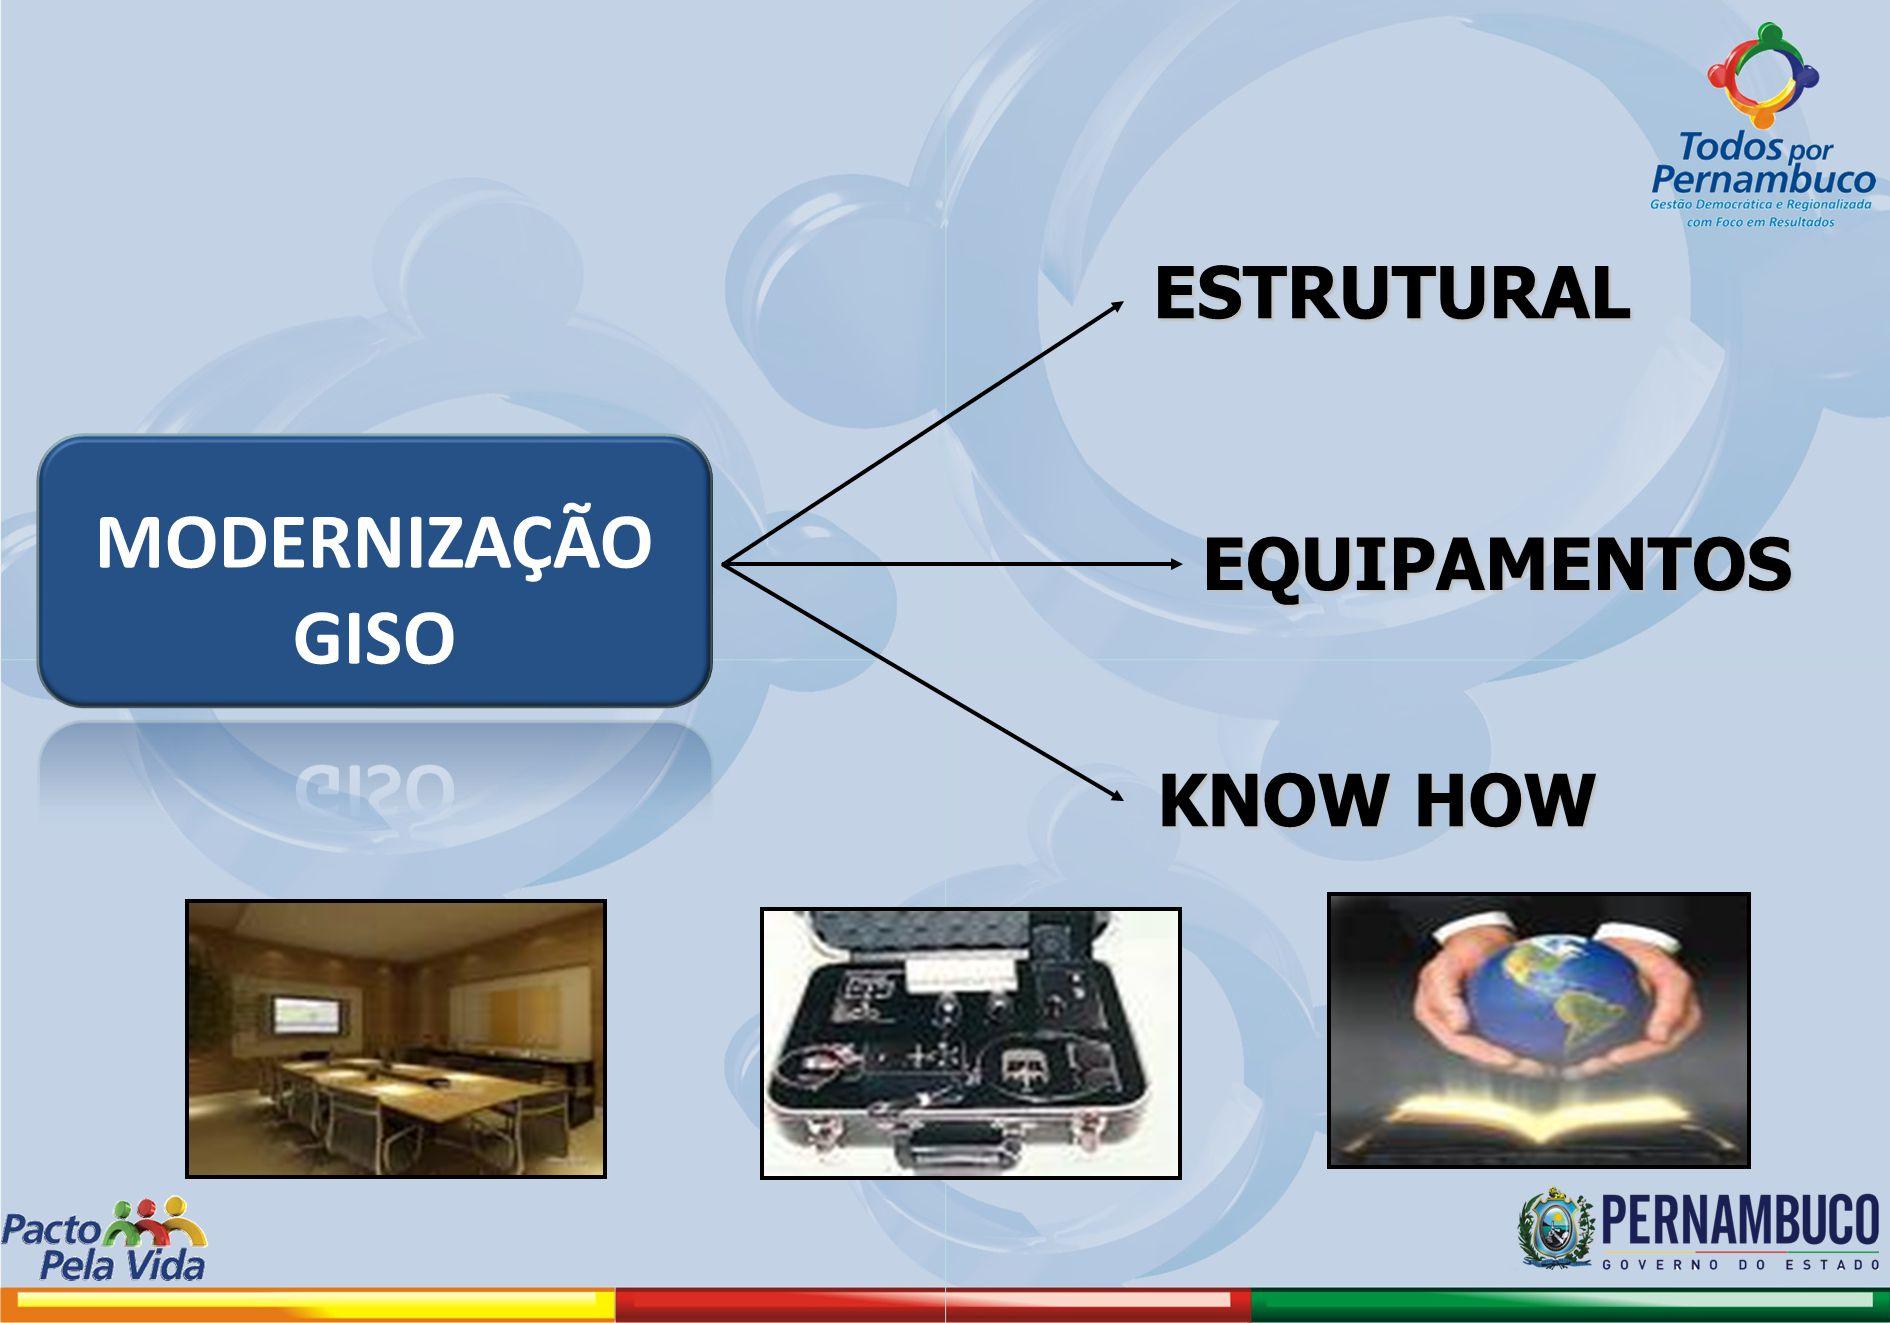 ESTRUTURAL MODERNIZAÇÃO GISO EQUIPAMENTOS KNOW HOW